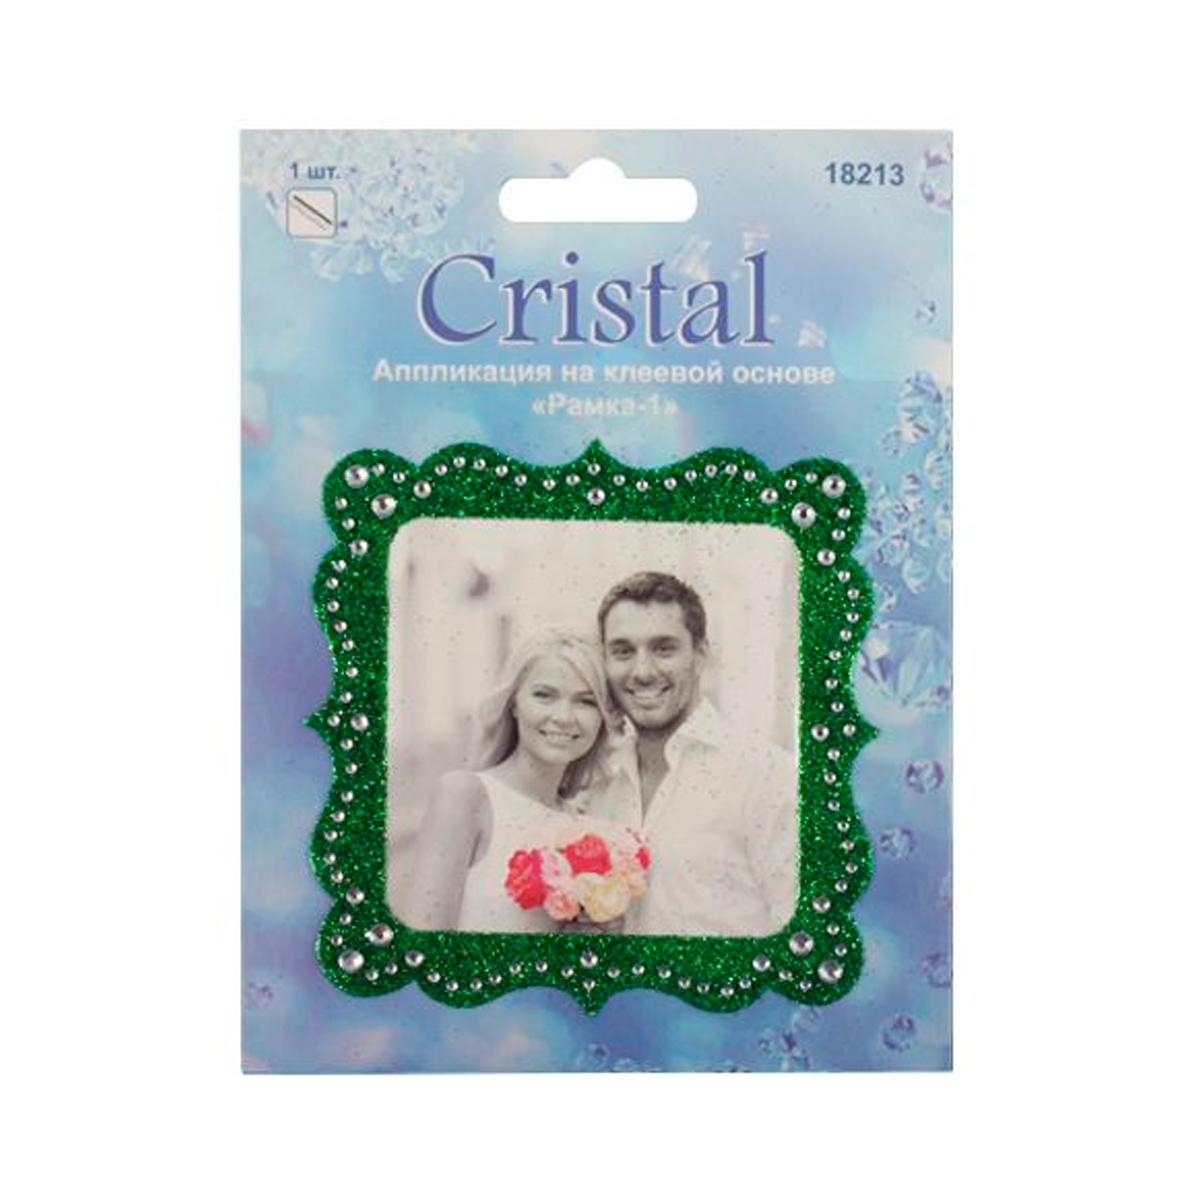 18213 Аппликация на клеевой основе,'Рамка-1',Cristal